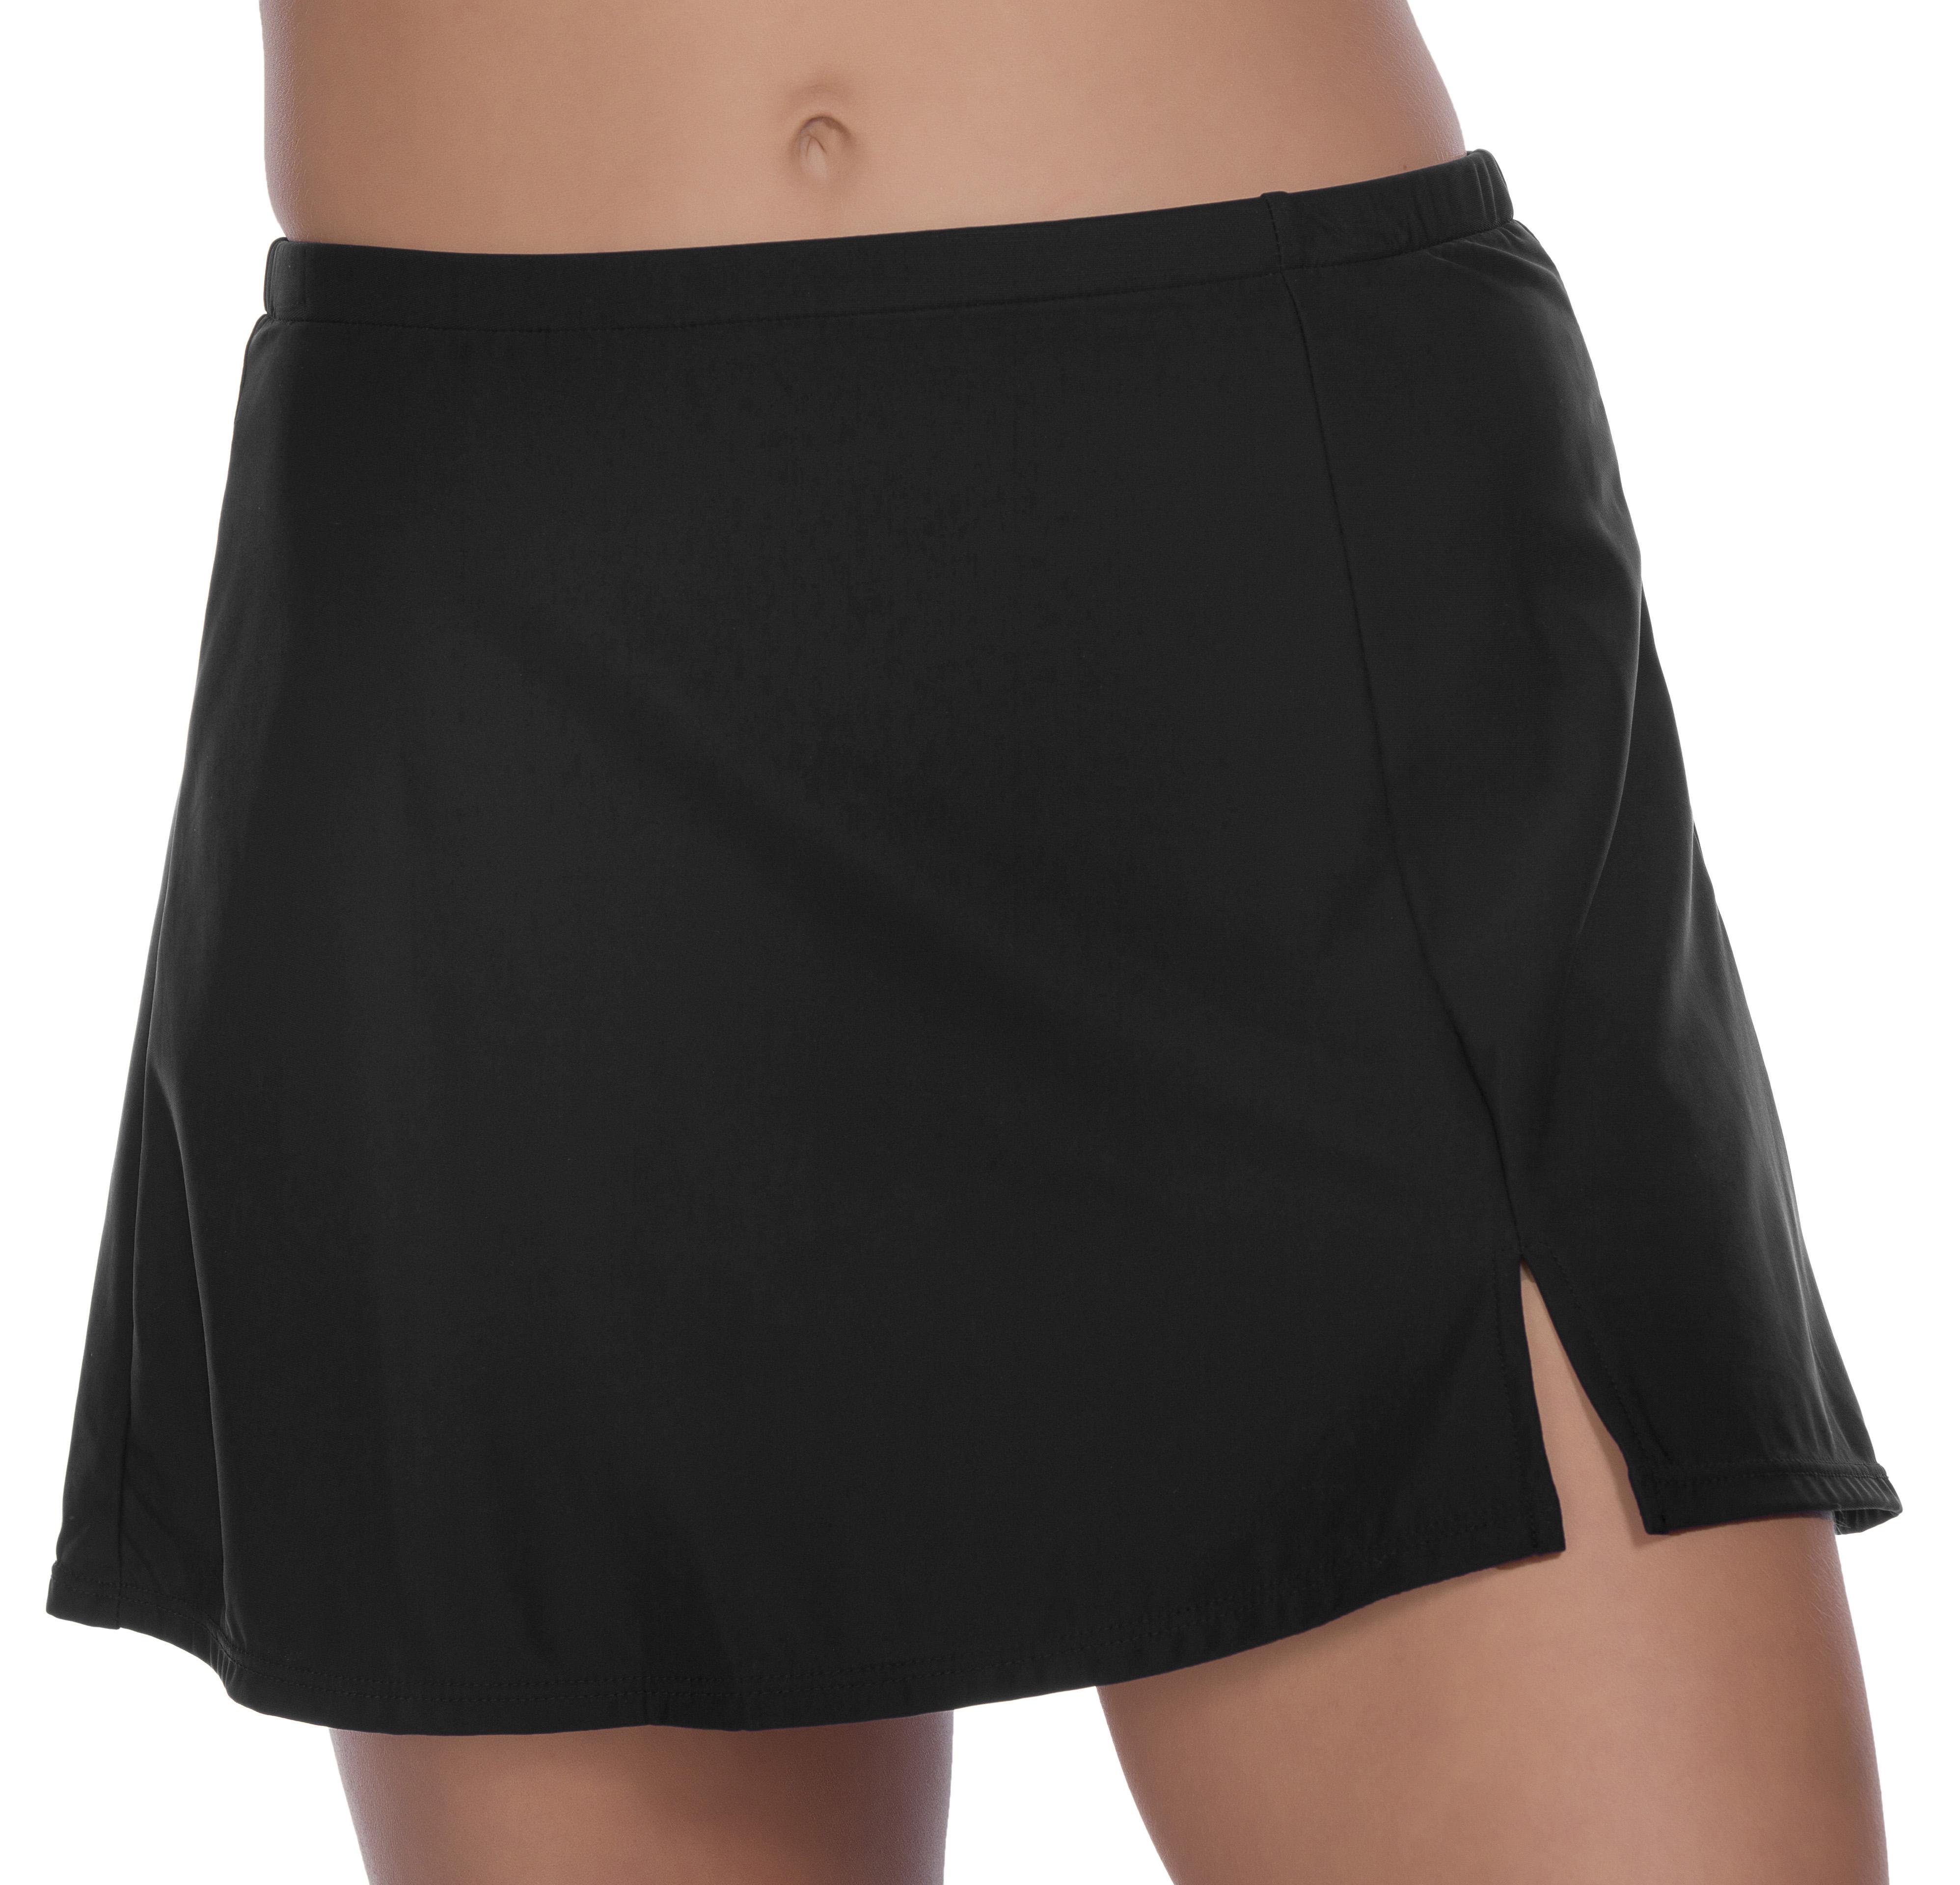 Penbrooke Side Slit Swimsuit Skirt Bottom -Black - Front